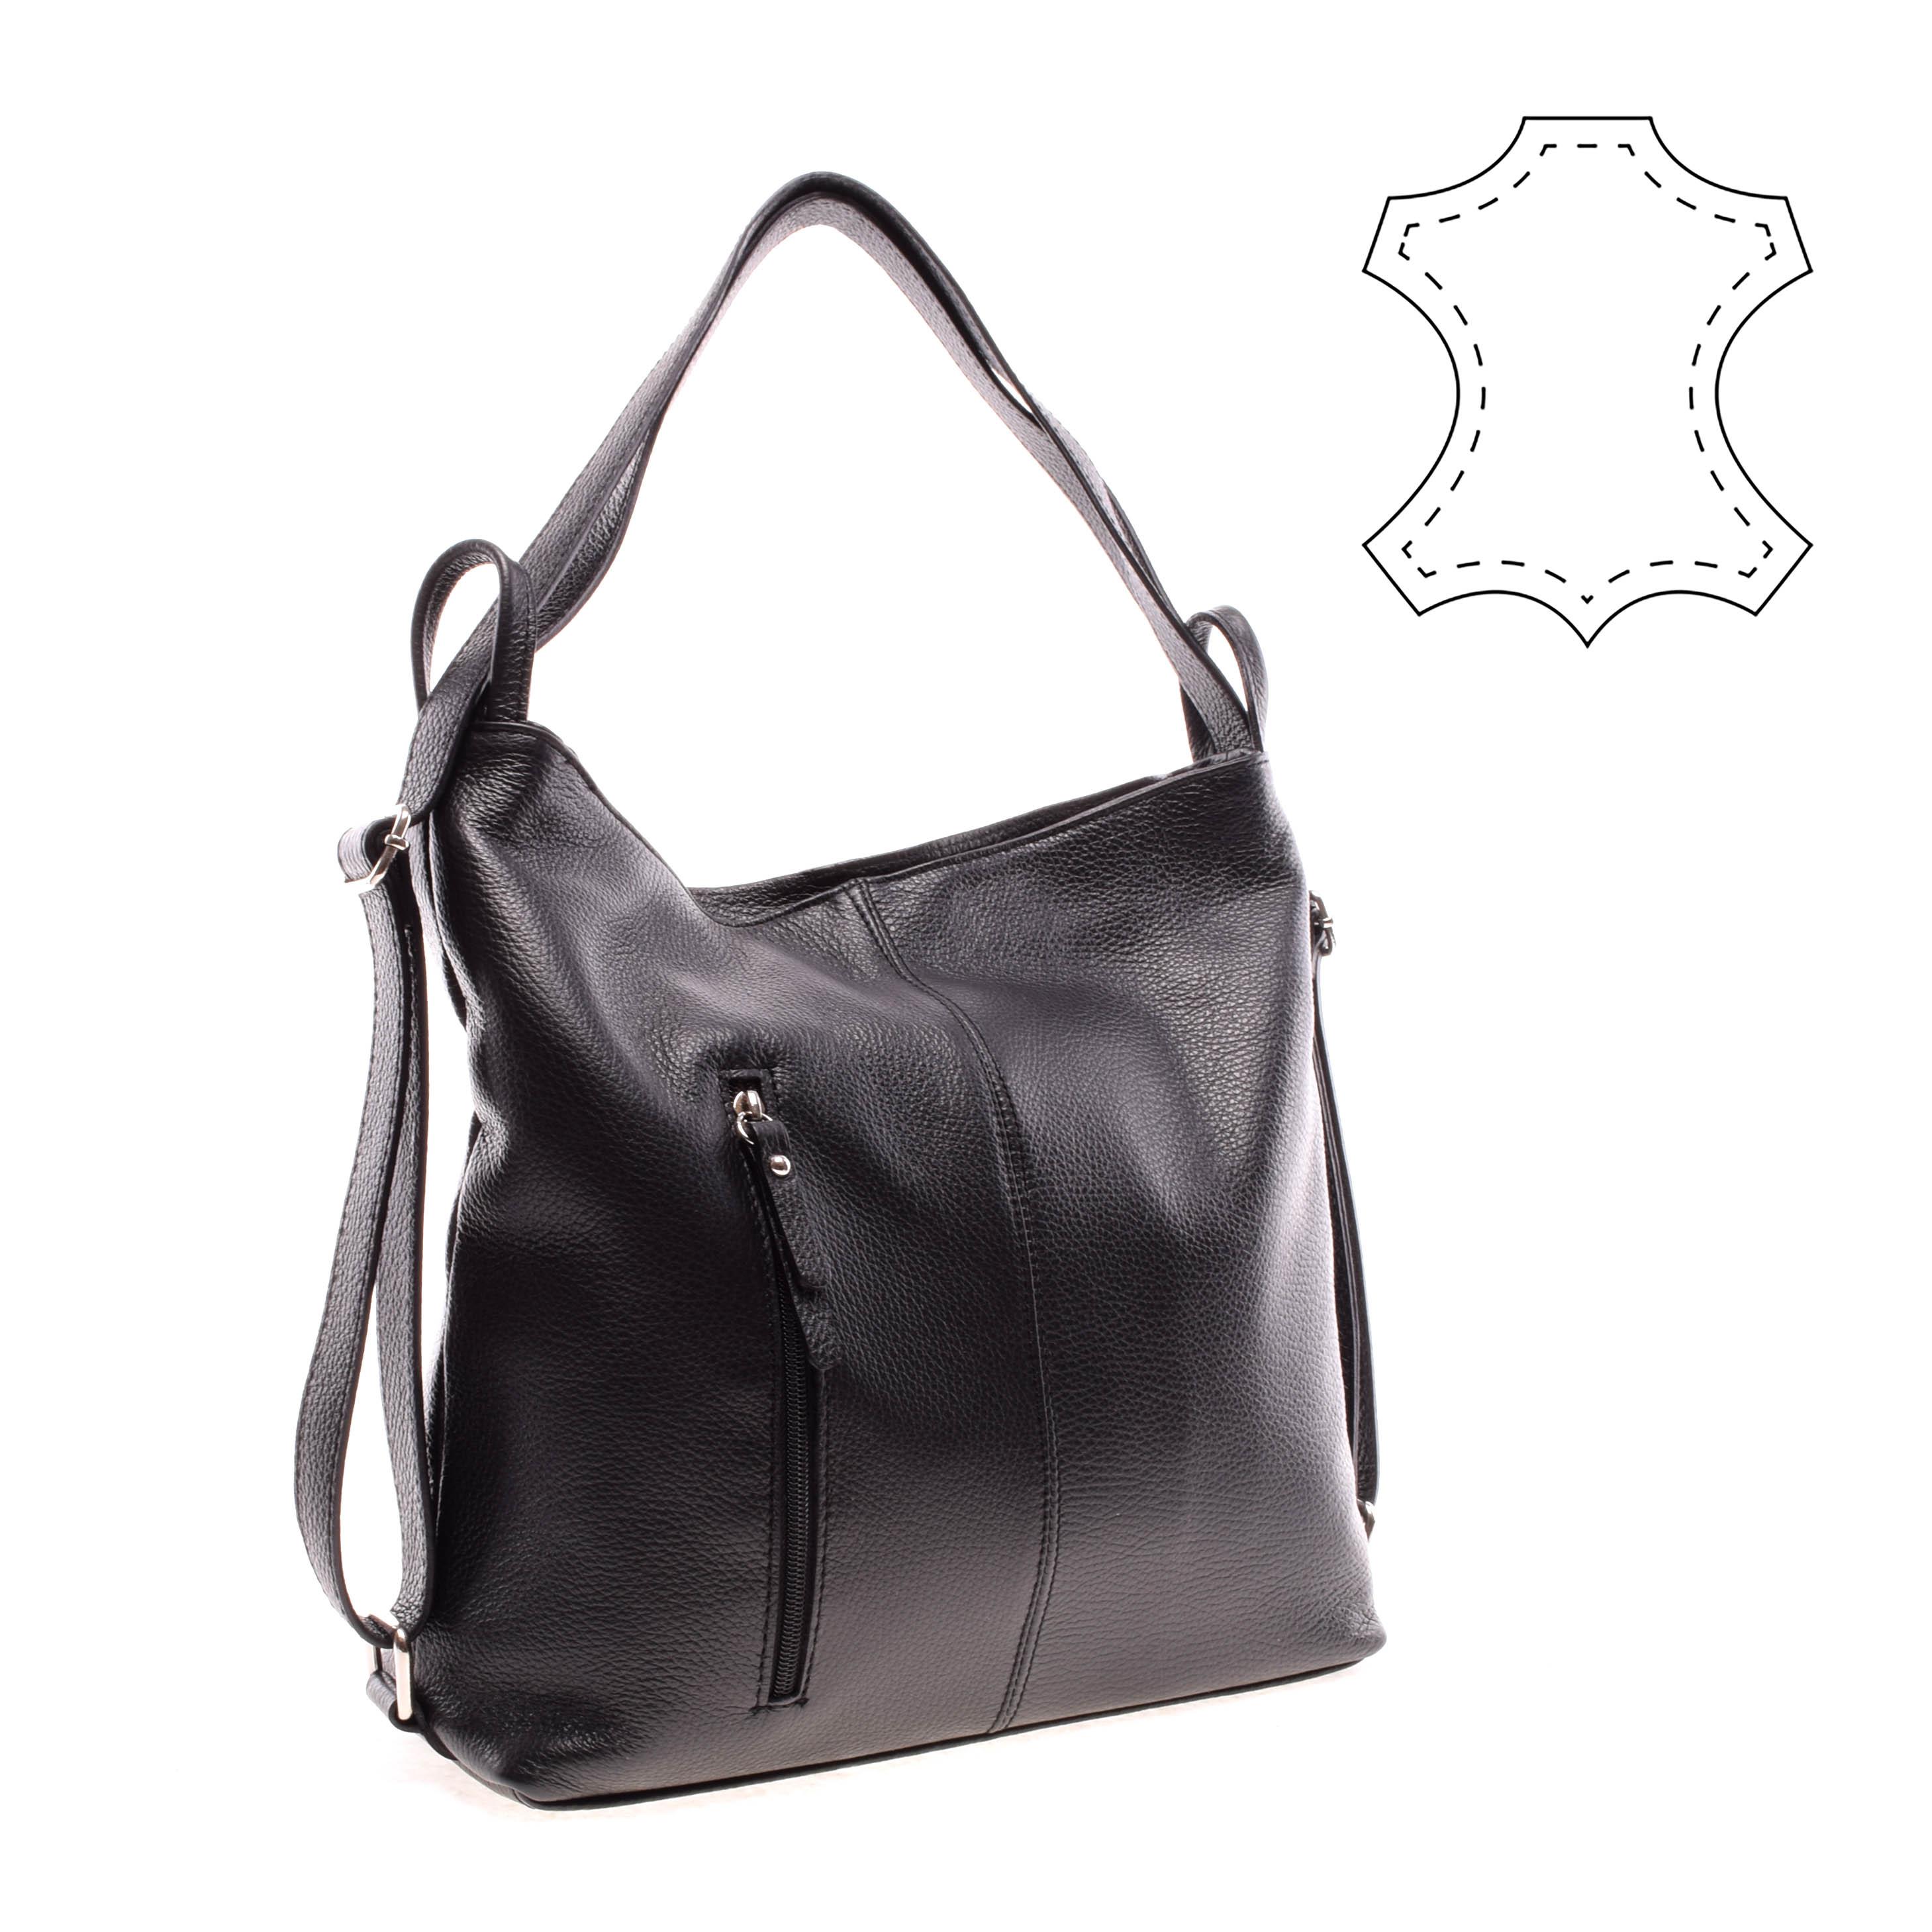 2b79e43a4e71 Mat's Női Fekete Bőr Átalakítható Válltáska - Válltáskák - Táska webáruház  - Minőségi táskák mindenkinek